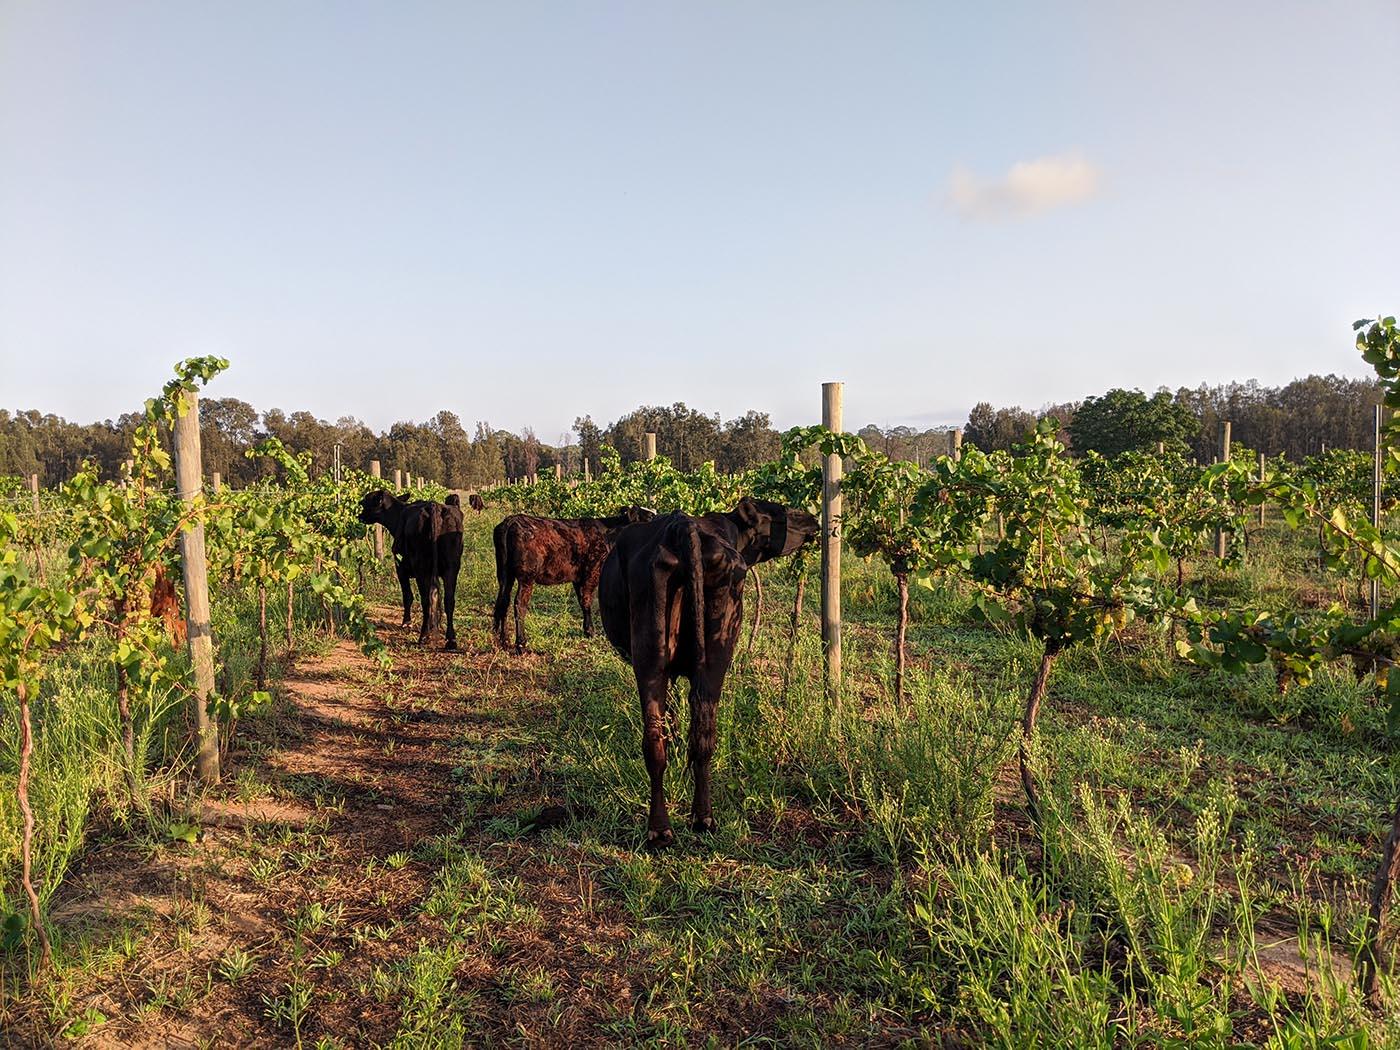 cows in vineyards